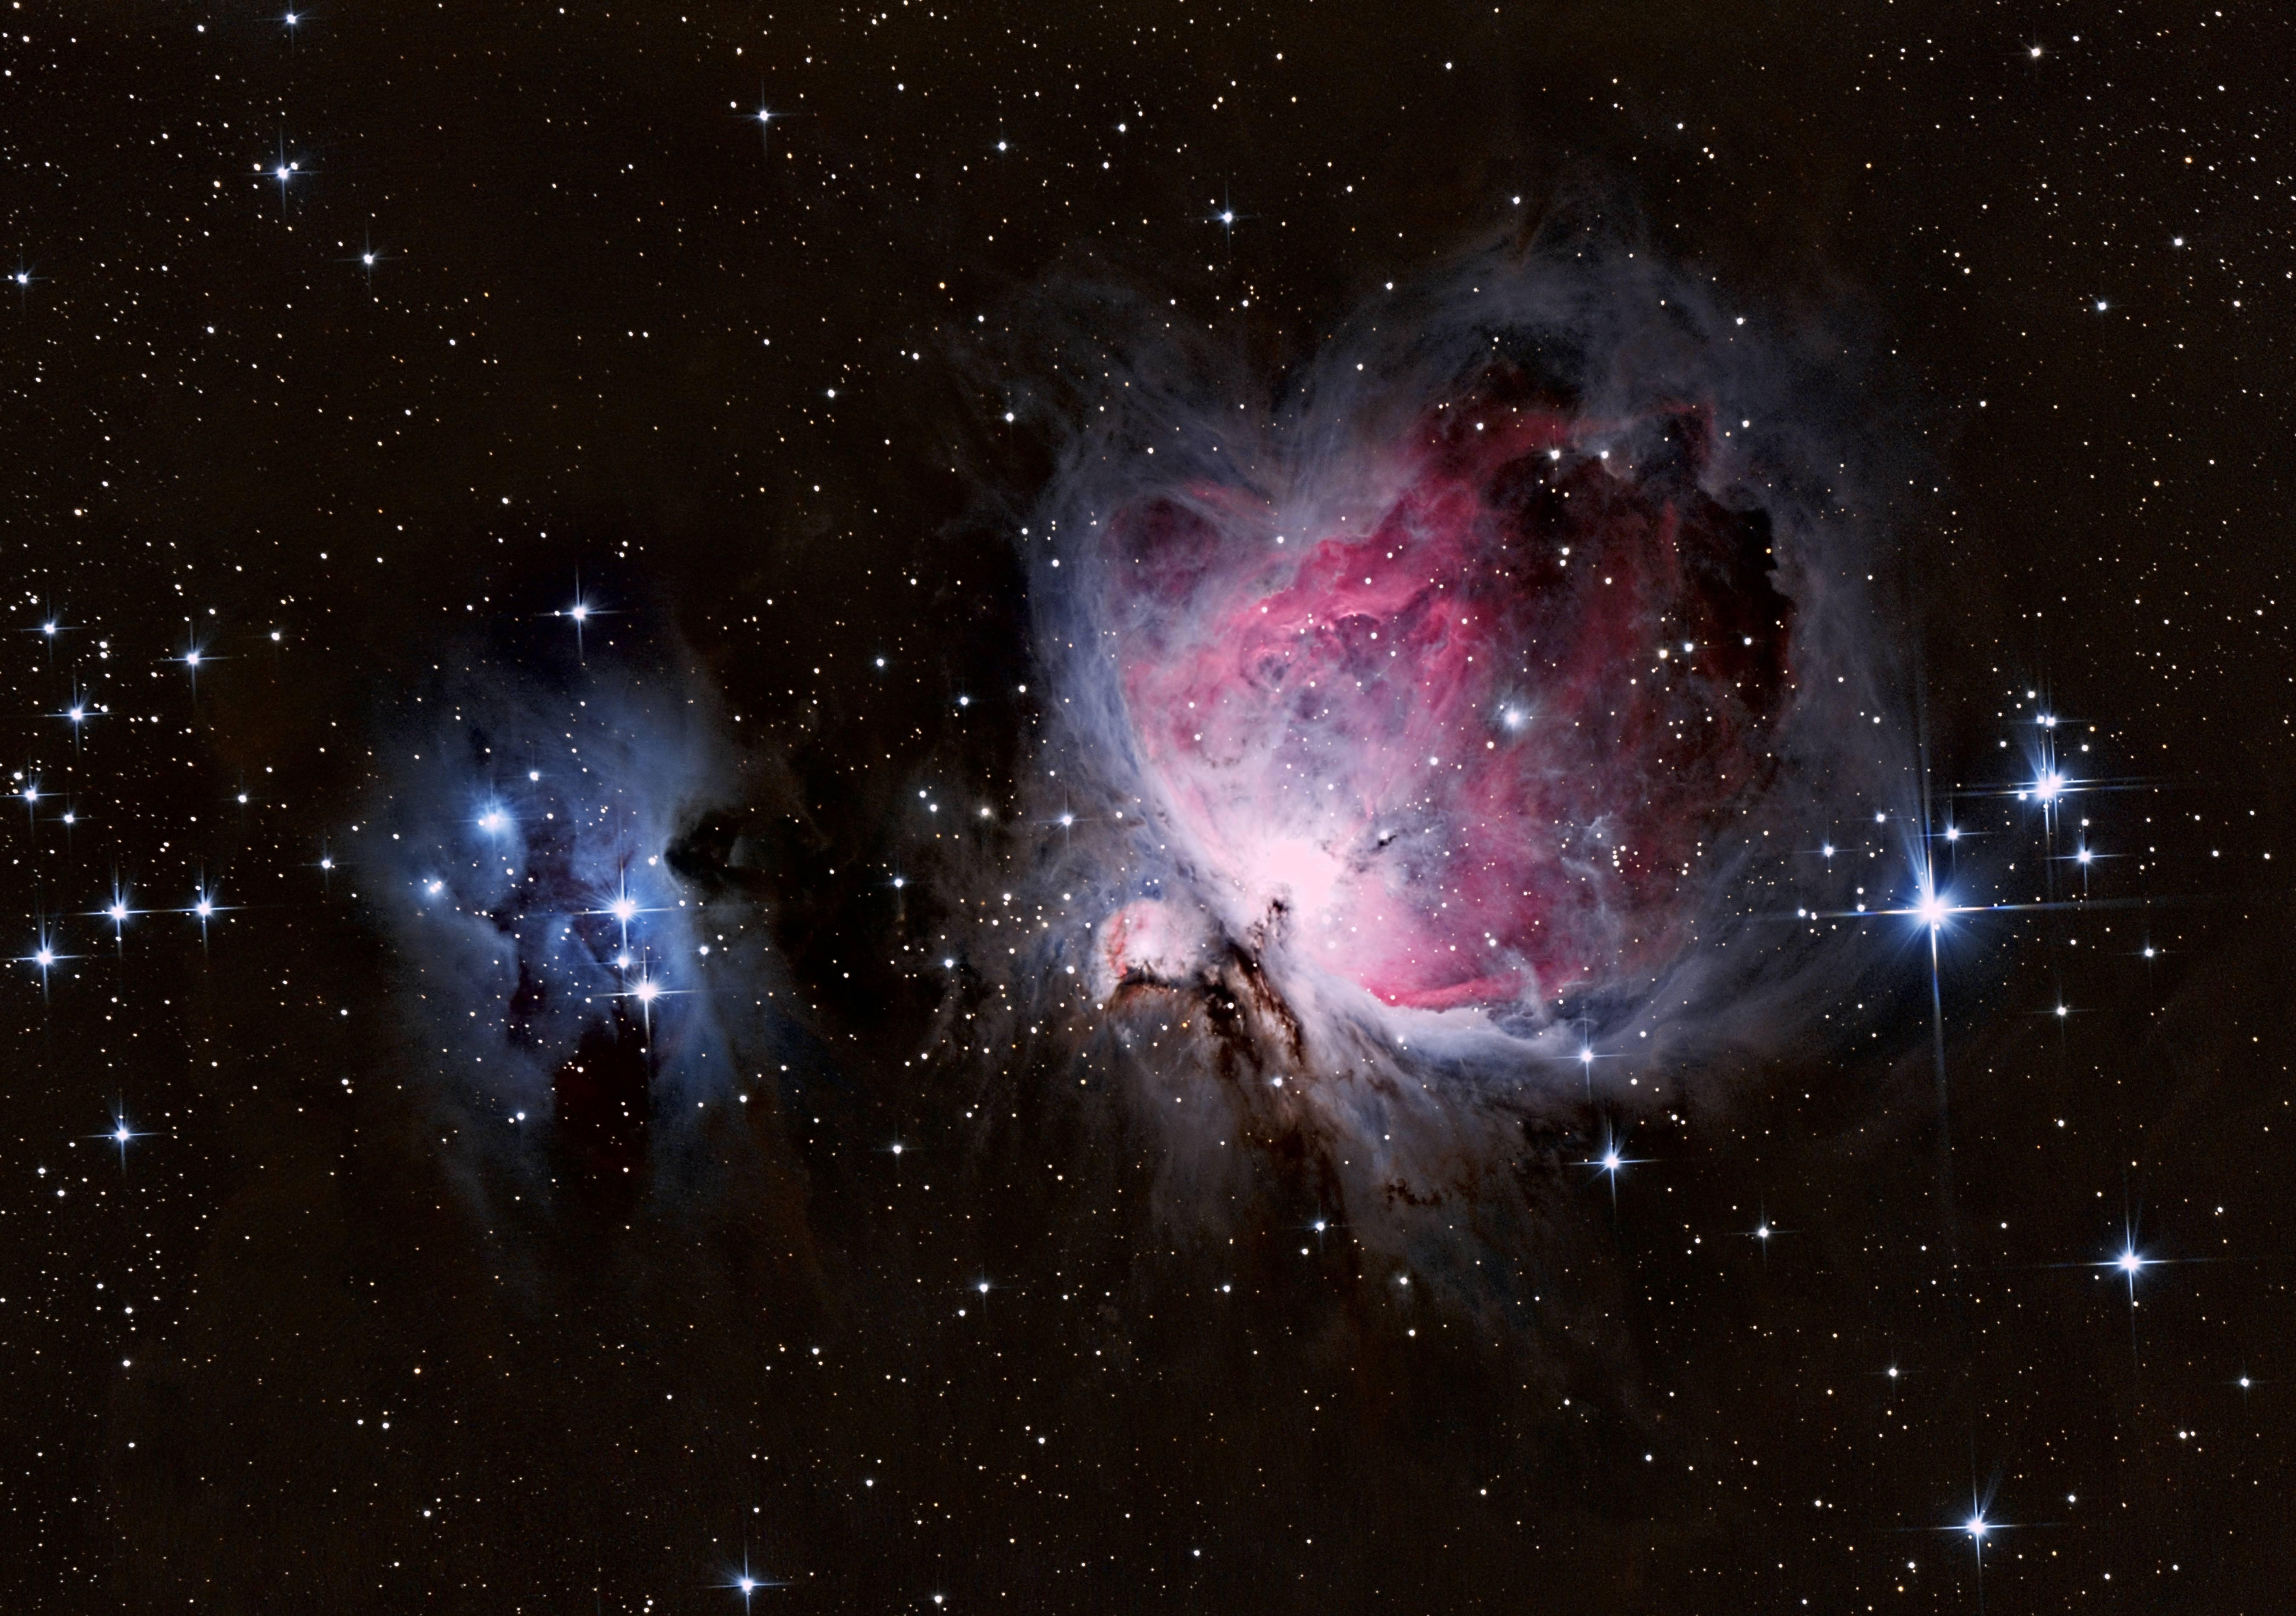 skinit galaxy orion nebula - photo #45